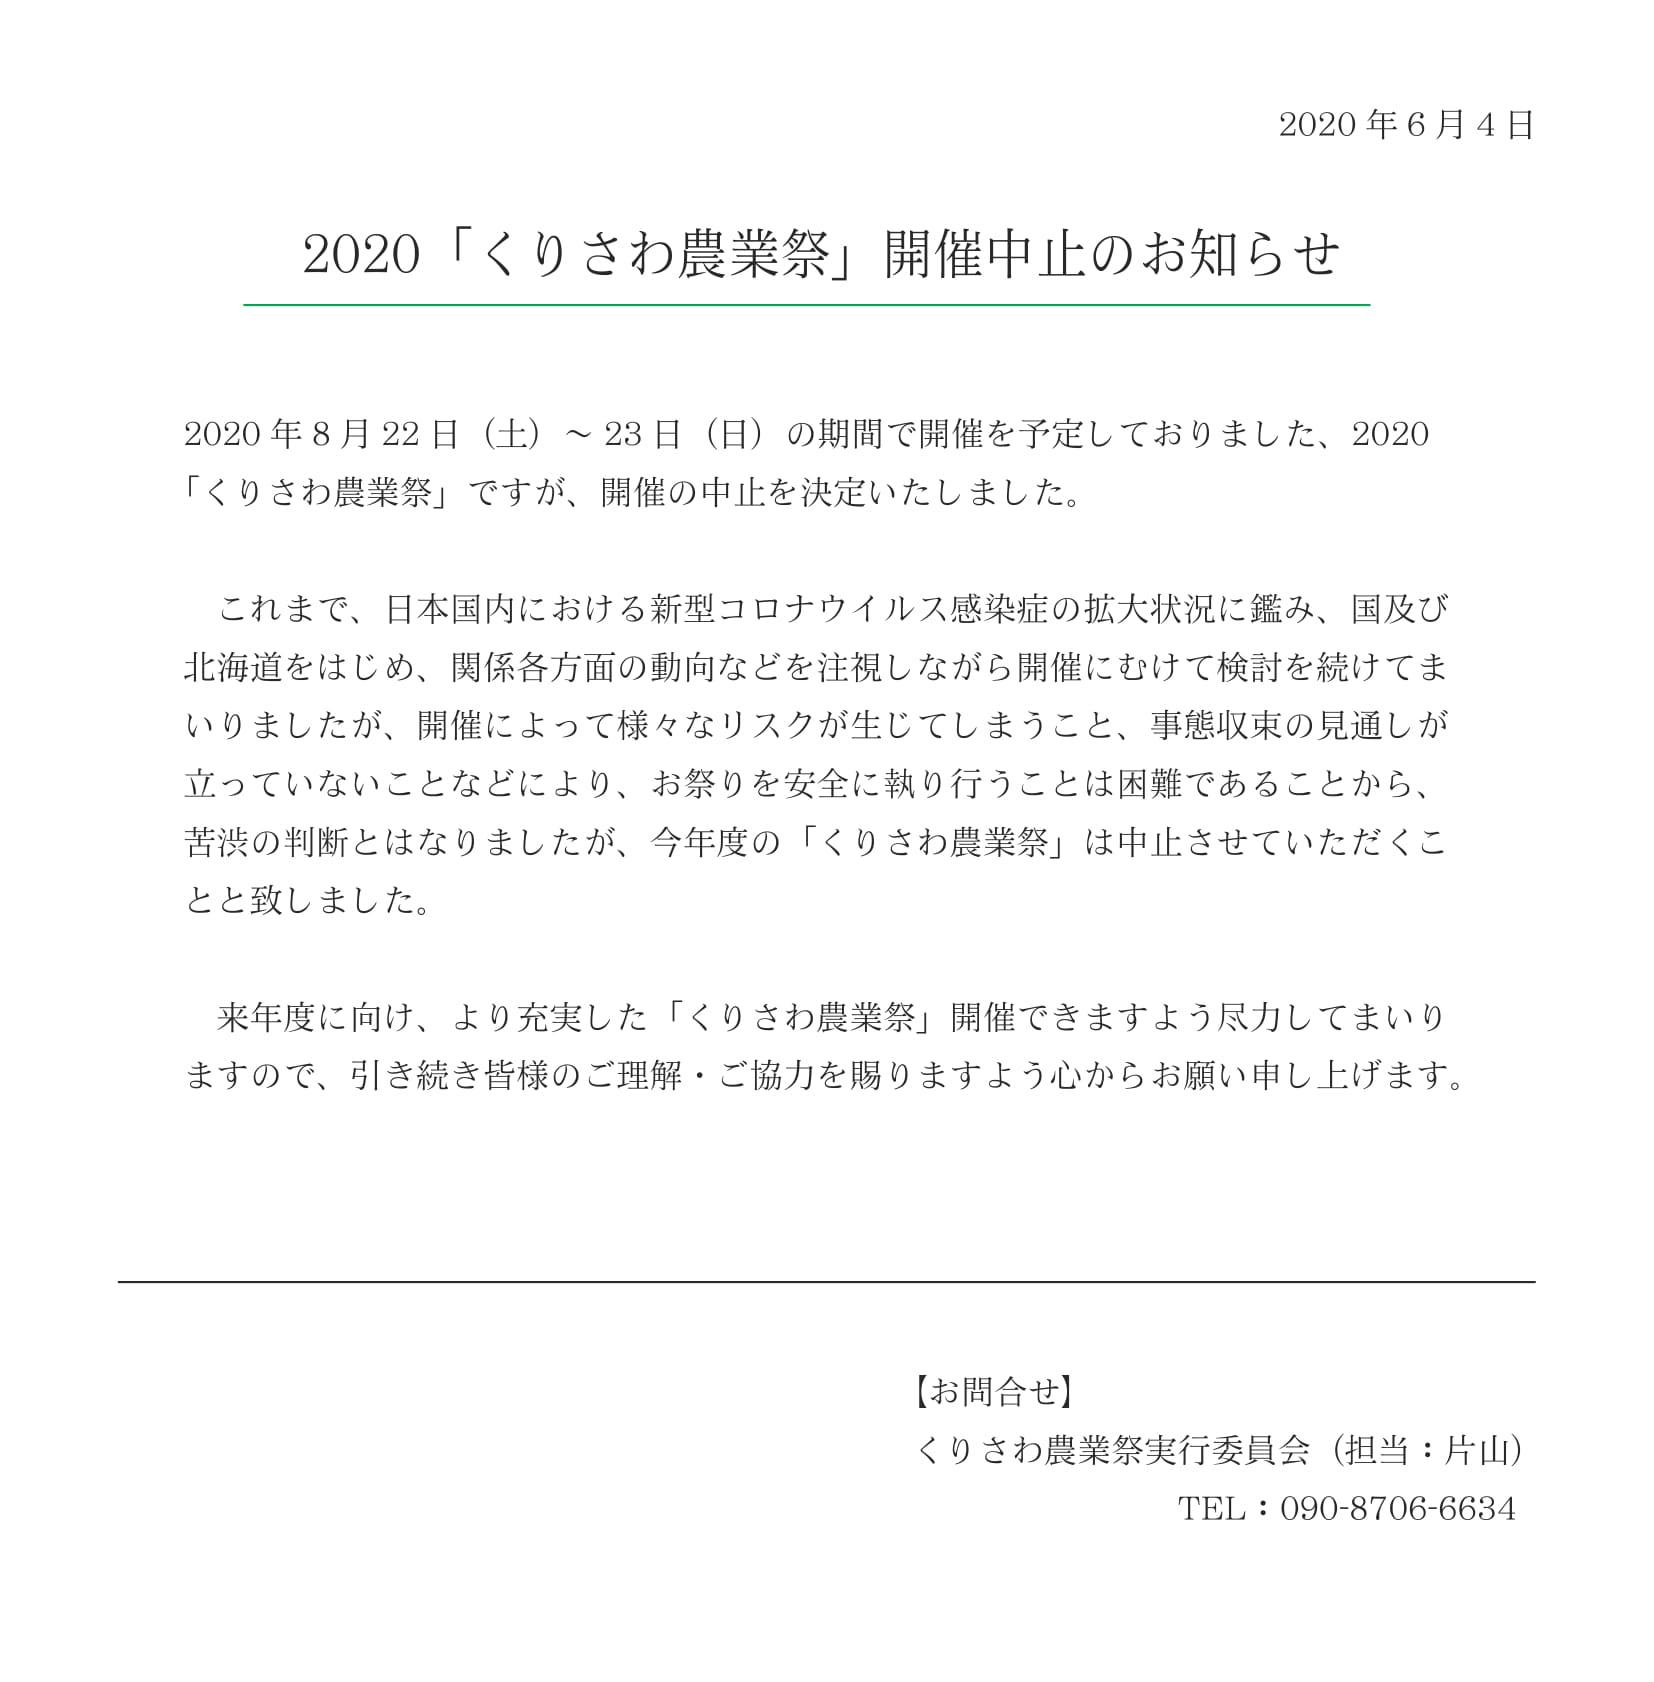 くりさわ農業祭中止文書のコピー-1